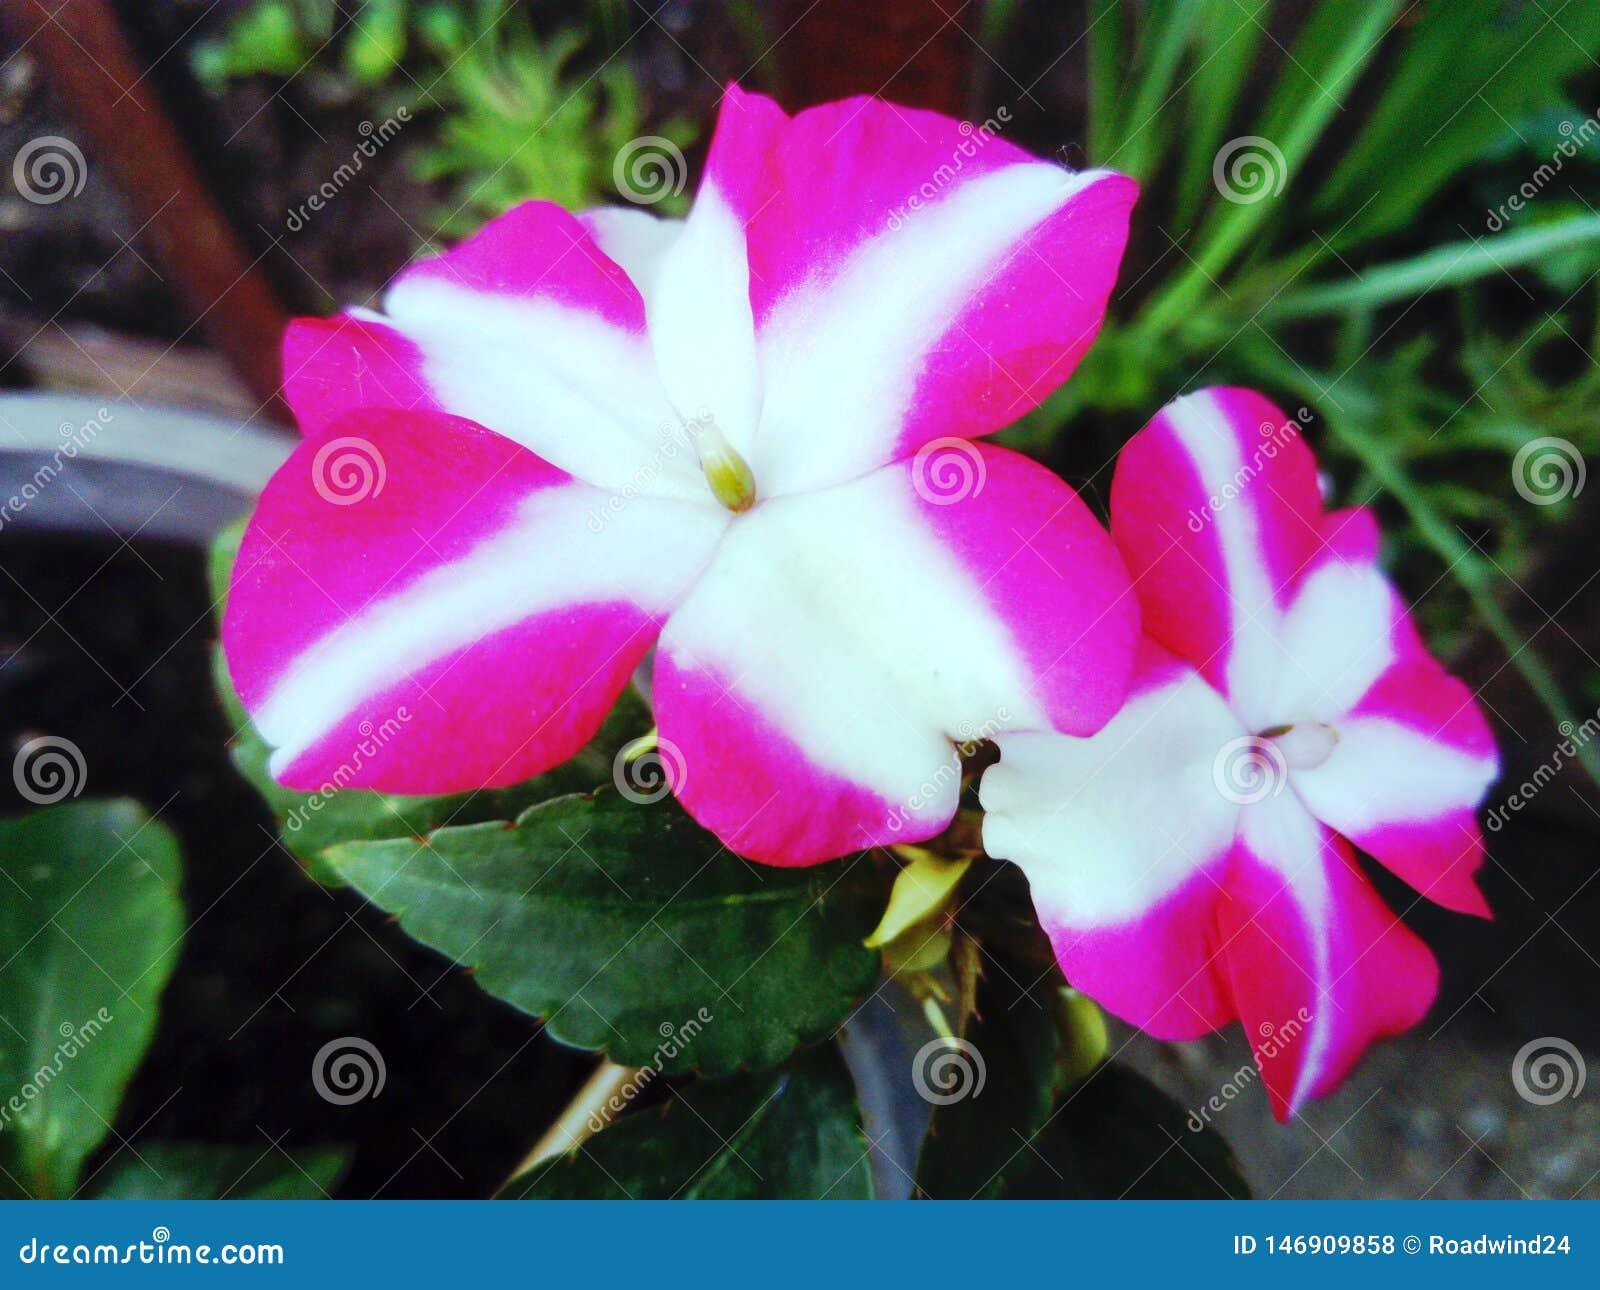 Pink white impatiens flower